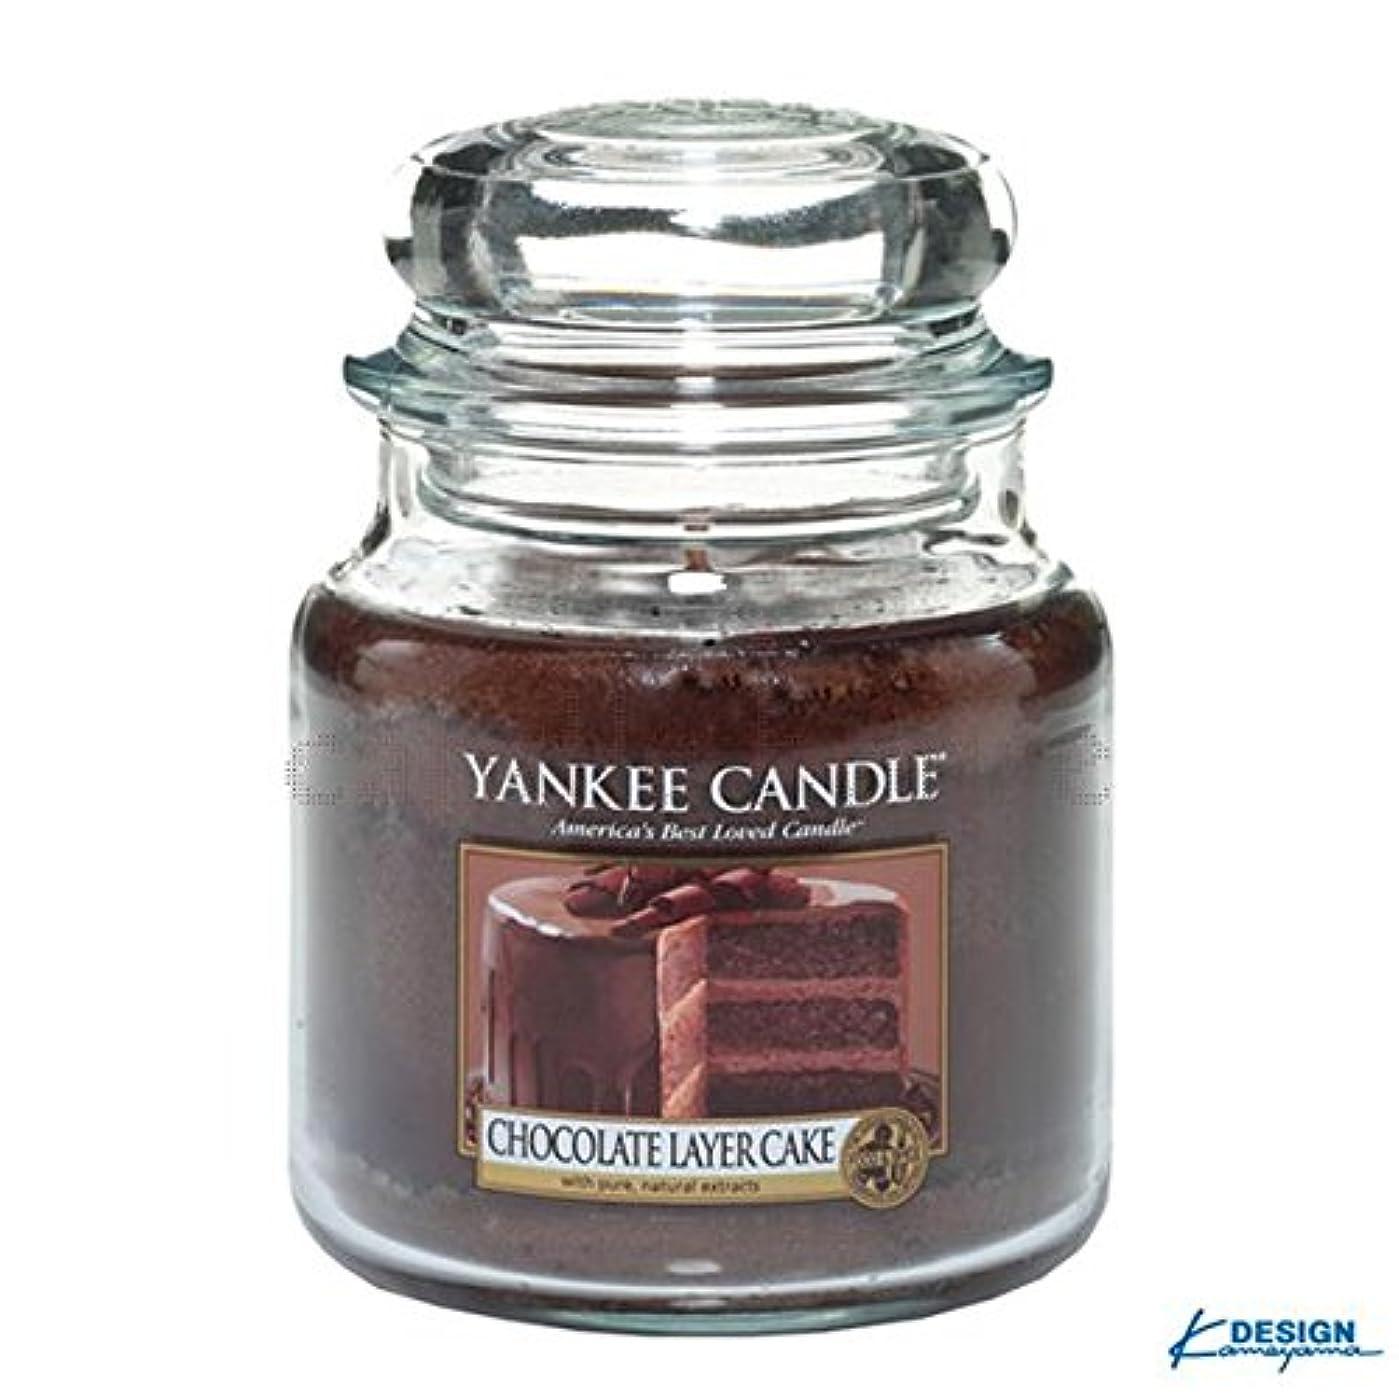 偏見バケットヒューマニスティックYANKEE CANDLEジャーM 「 チョコレートレイヤーケーキ 」